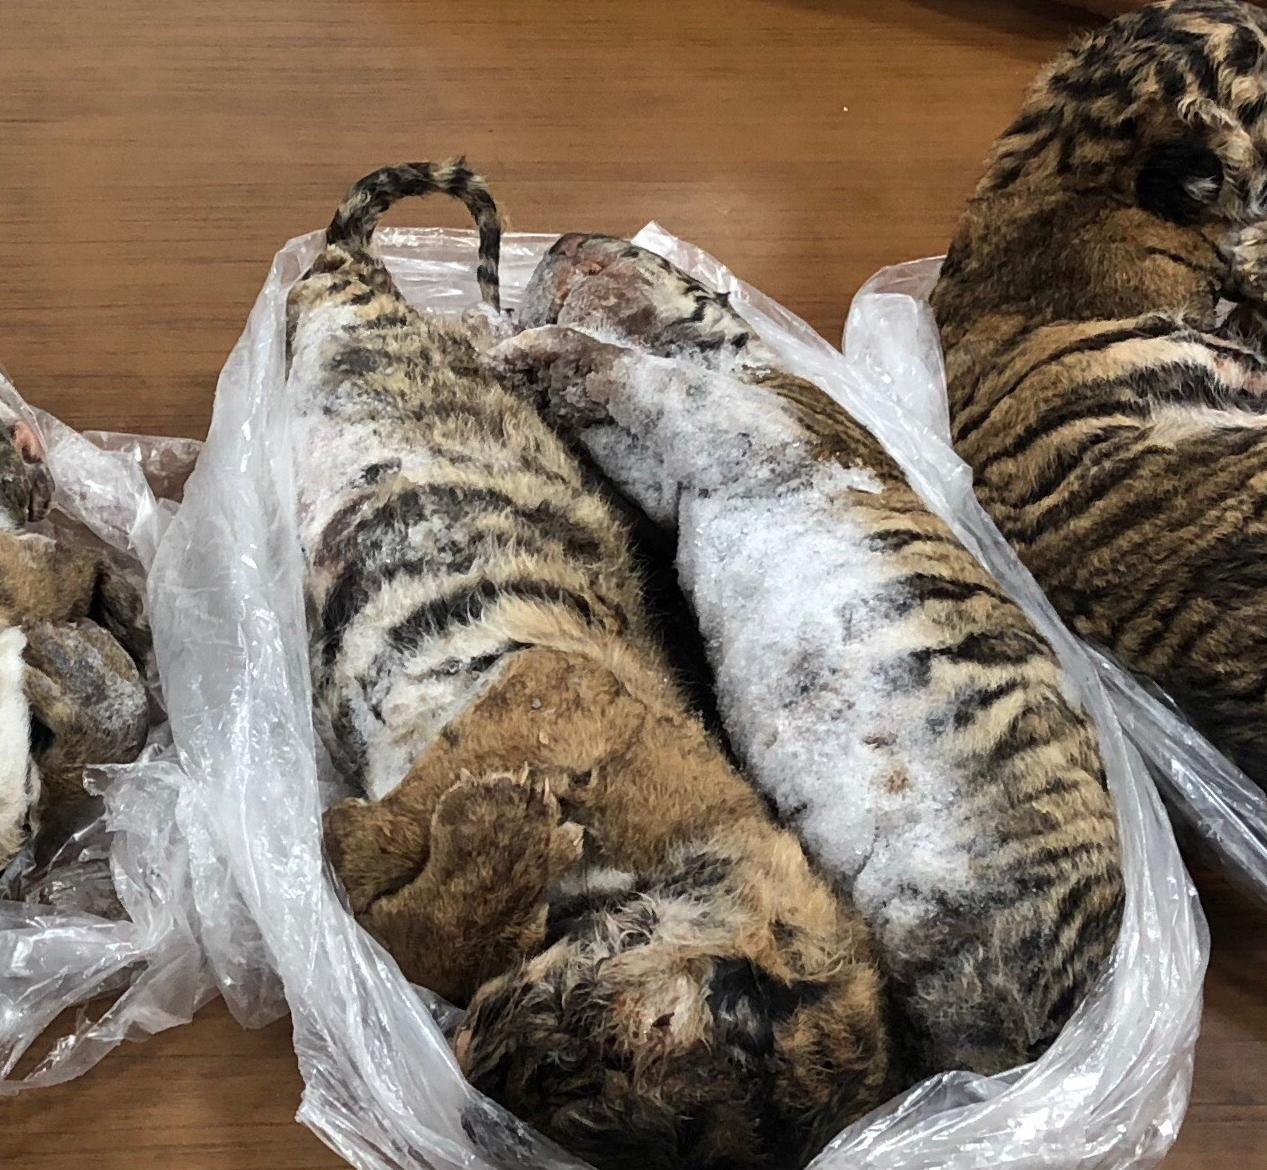 seven dead tiger cubs